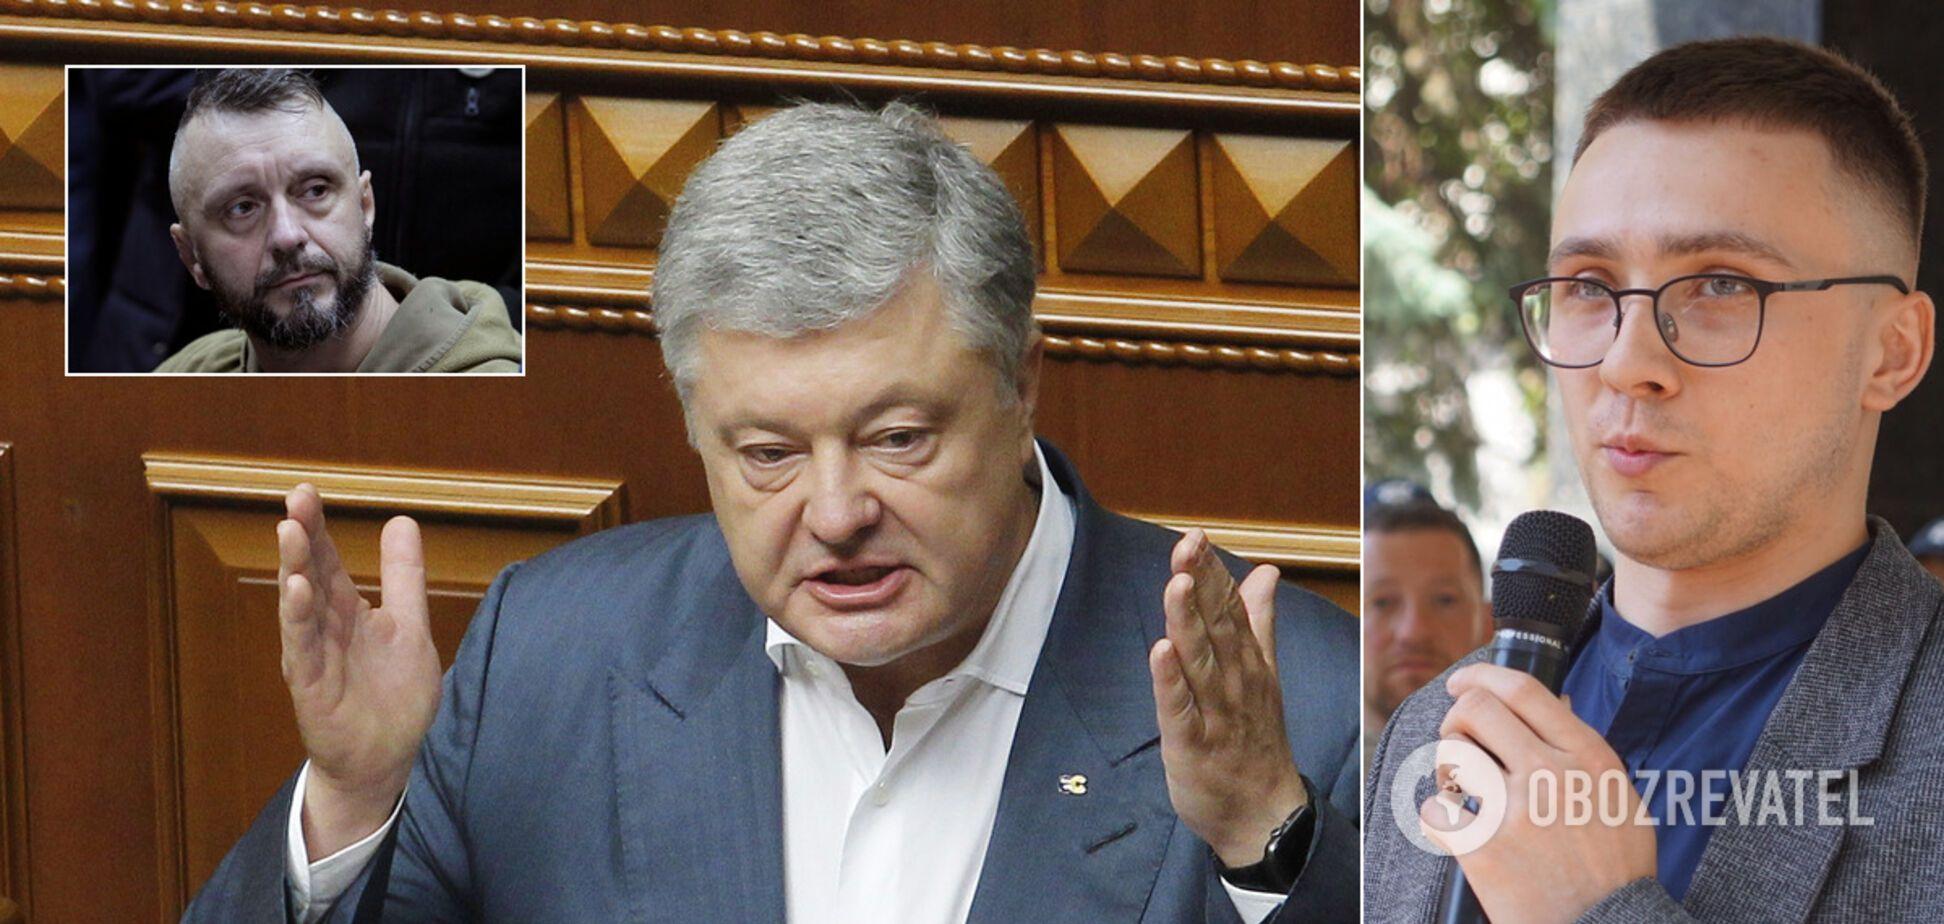 Активісти звернулися до міжнародних організацій через політичні переслідування в Україні